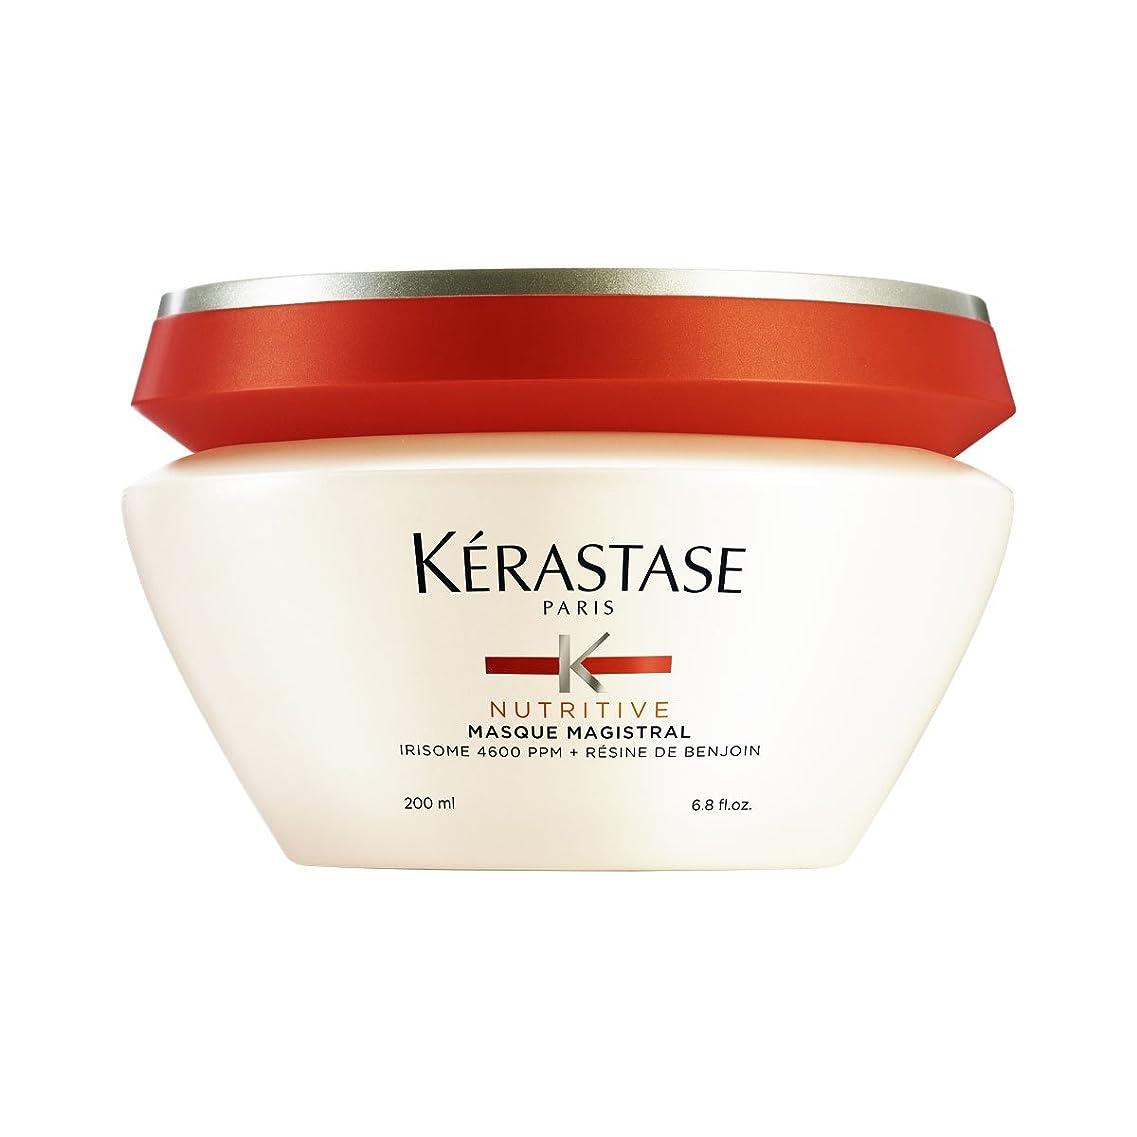 がんばり続ける背景プログラムK駻astase Nutritive Masque Magistral Hair Mask 200ml [並行輸入品]